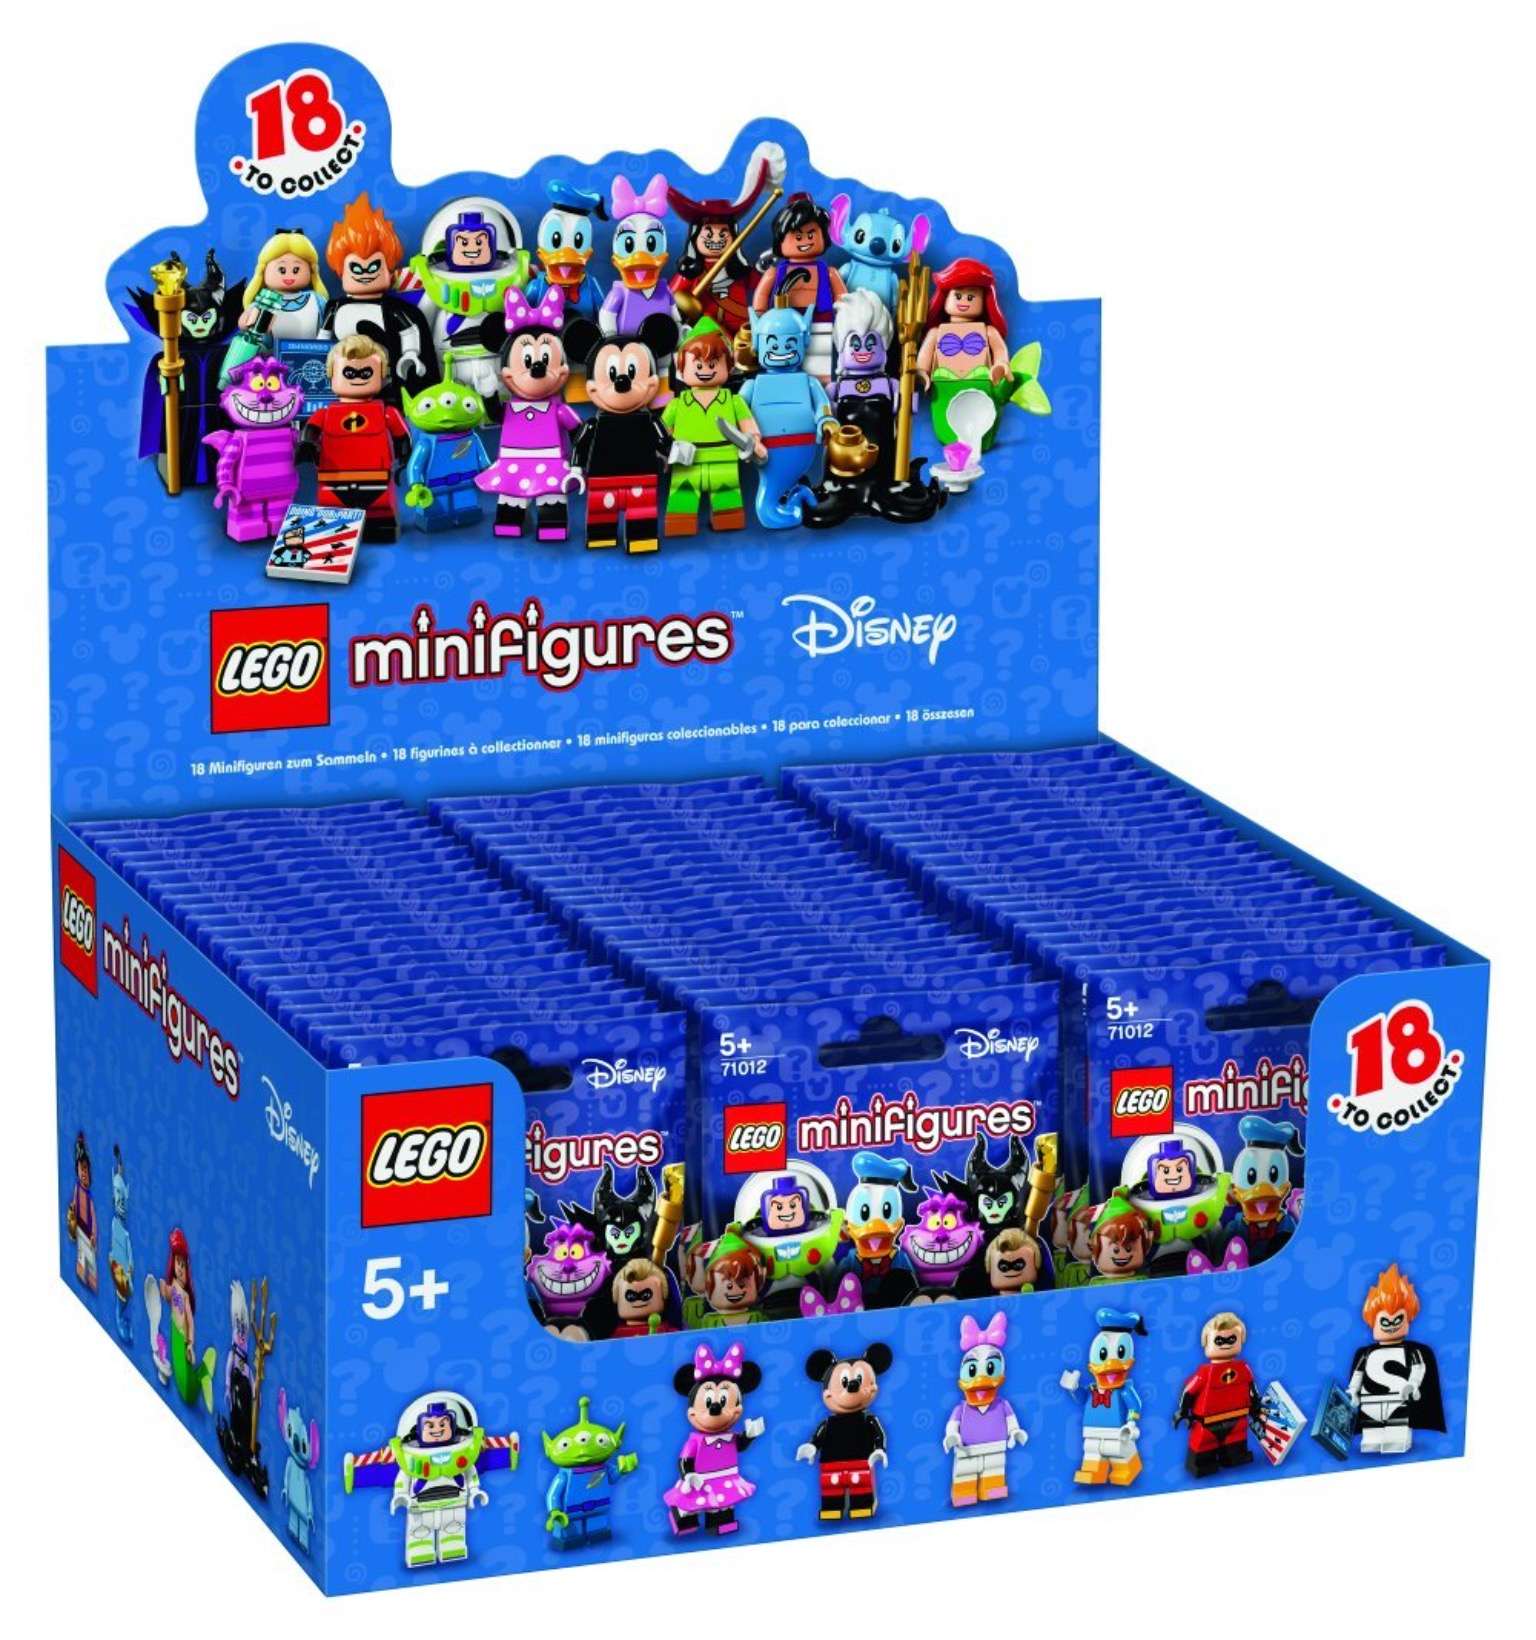 LEGO 71012 Disney Minifigur # 18 Ariel Neu